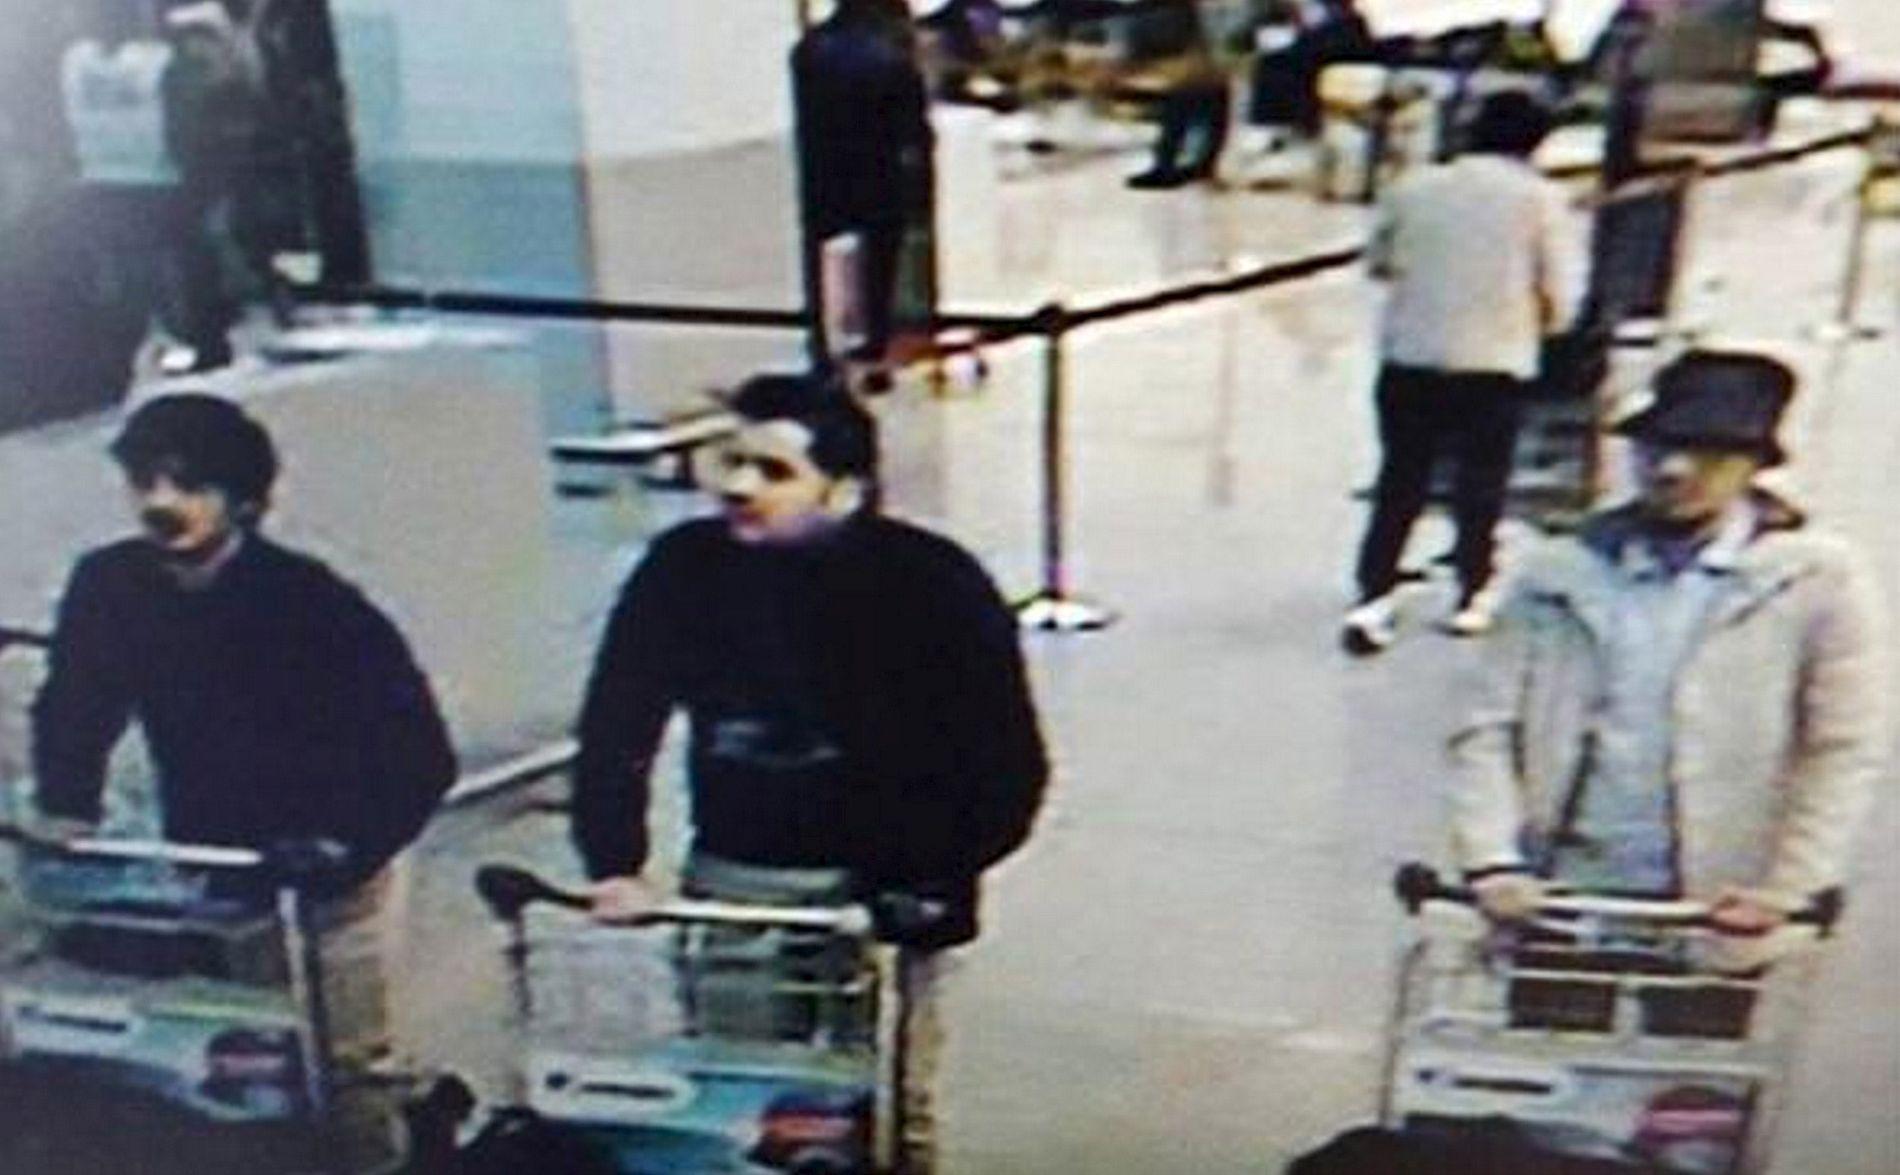 TERRORMISTENKTE: Dette overvåkningsbildet fra flyplassen i Brussel viser de antatte terroristene. De to til venstre skal ha utført selvmordsangrep. Manne til høyre på bildet skal nå være identifisert, muligens også pågrepet.